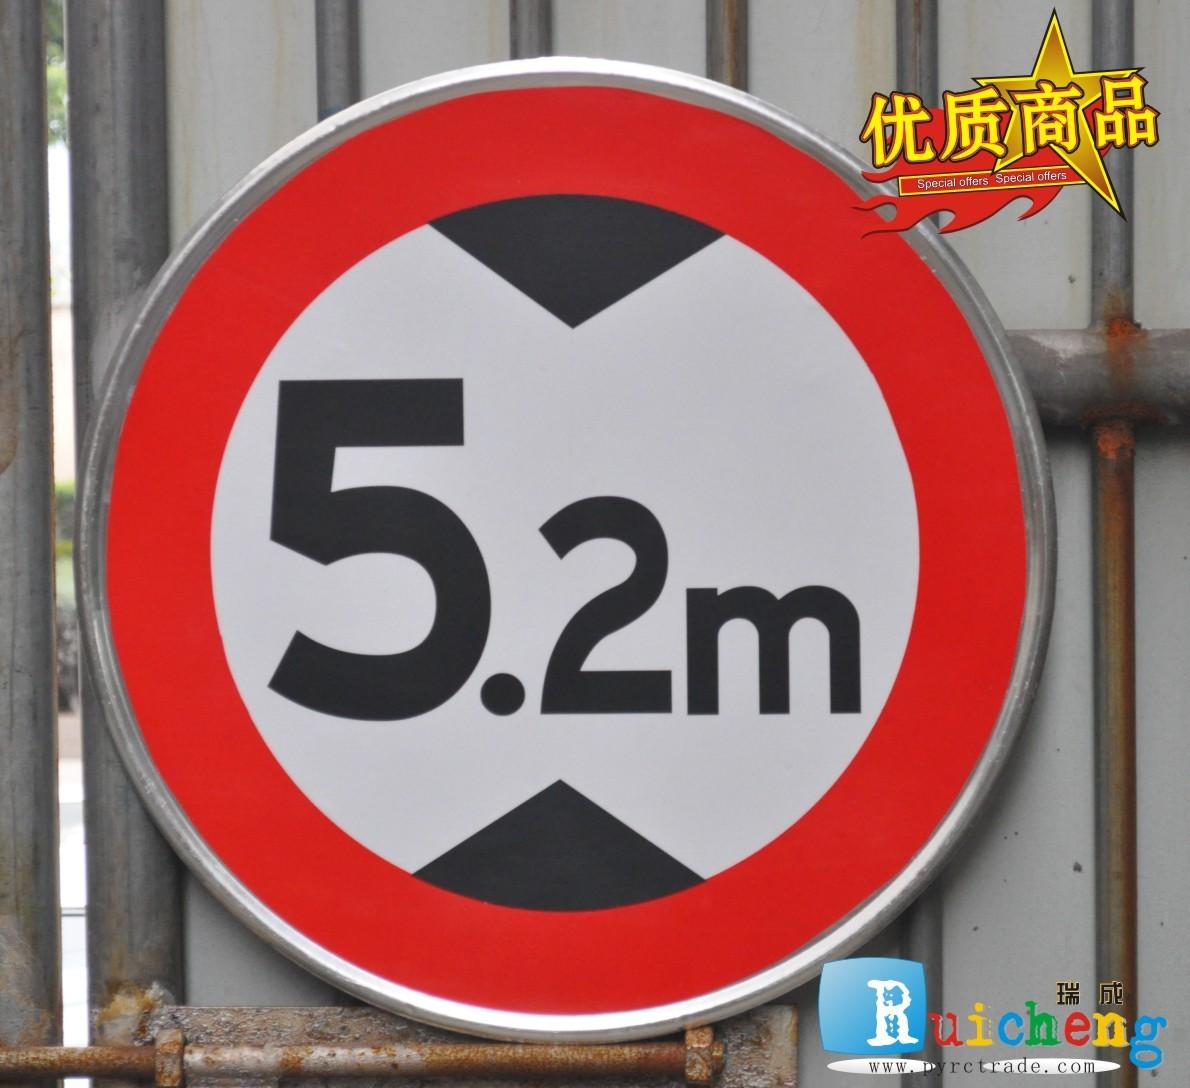 限高5.2m倒三角让反光交通道路施工安全标识牌警示标志牌路牌铝板